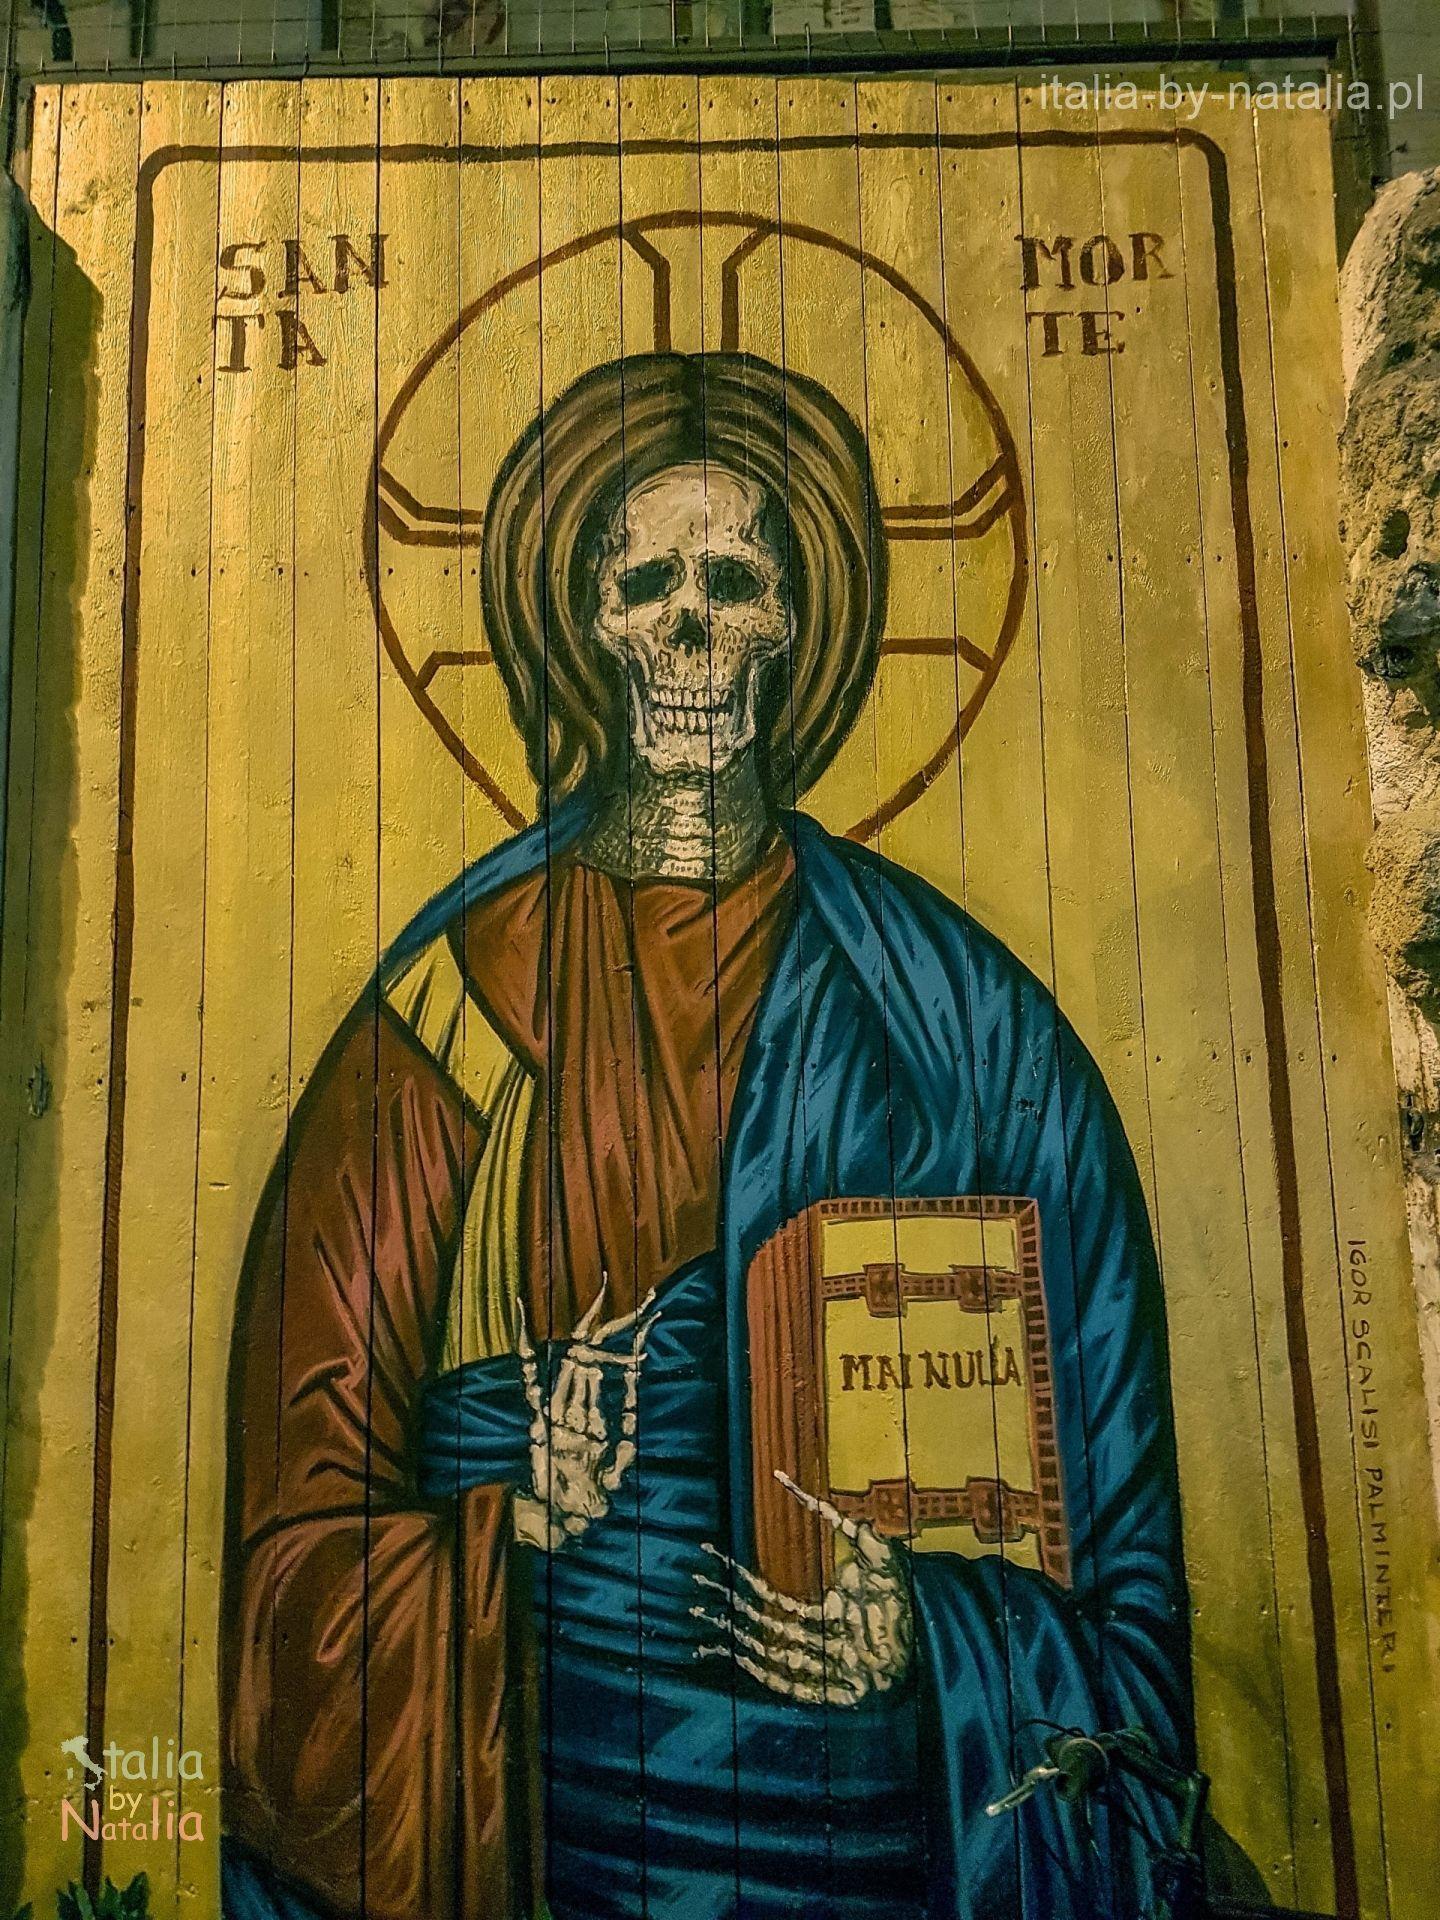 jak zwiedzać palermo santa morte vucciria